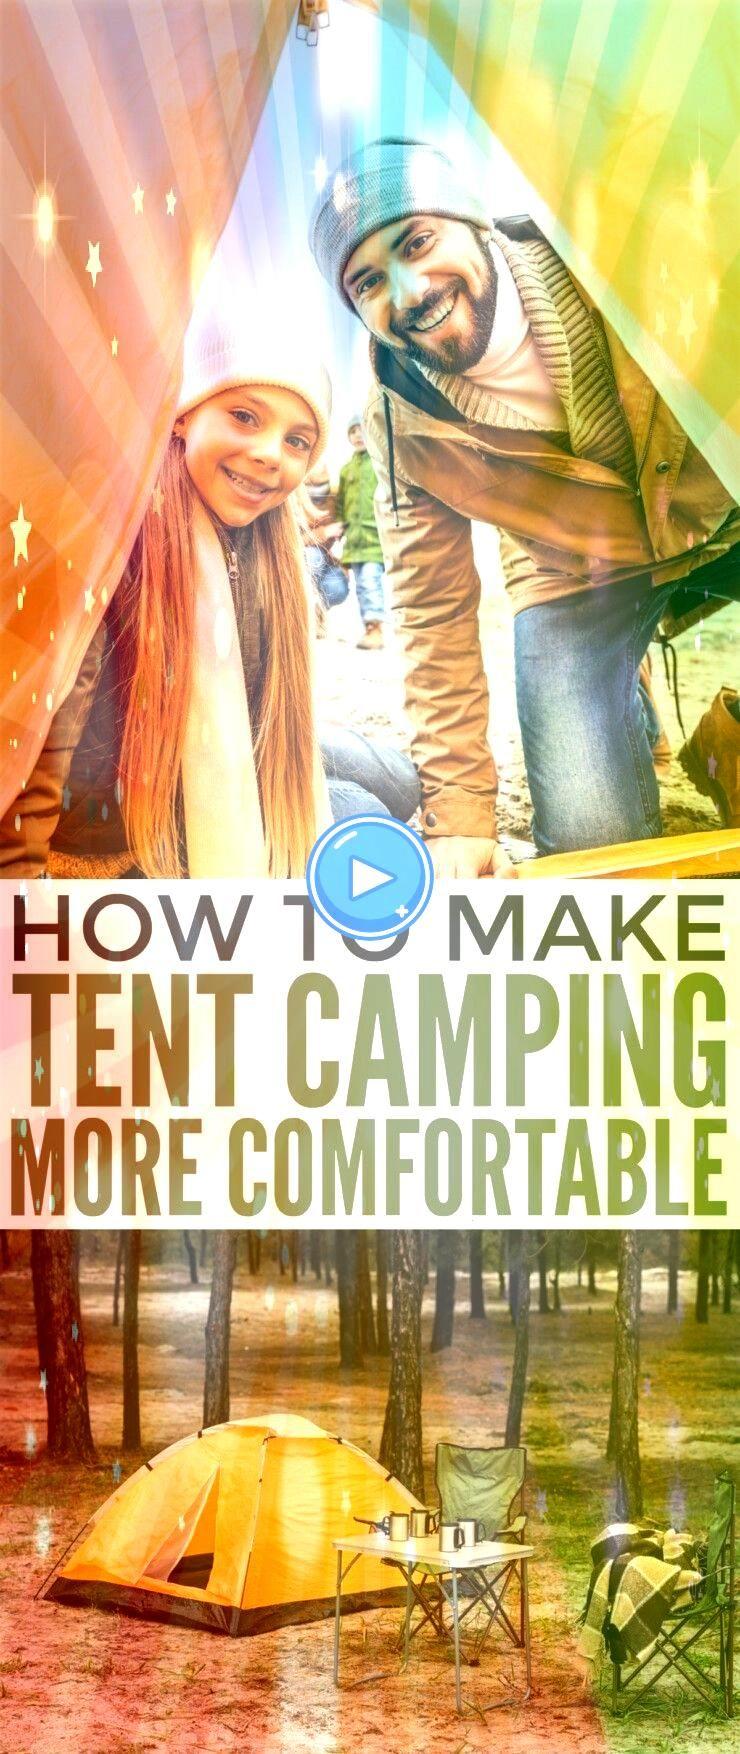 tent camping more comfortable  zeltcamping komfortabler machen making tent camping more comfortable  Familiale tent camping  Design tent camping  Astuces tent campingmaki...